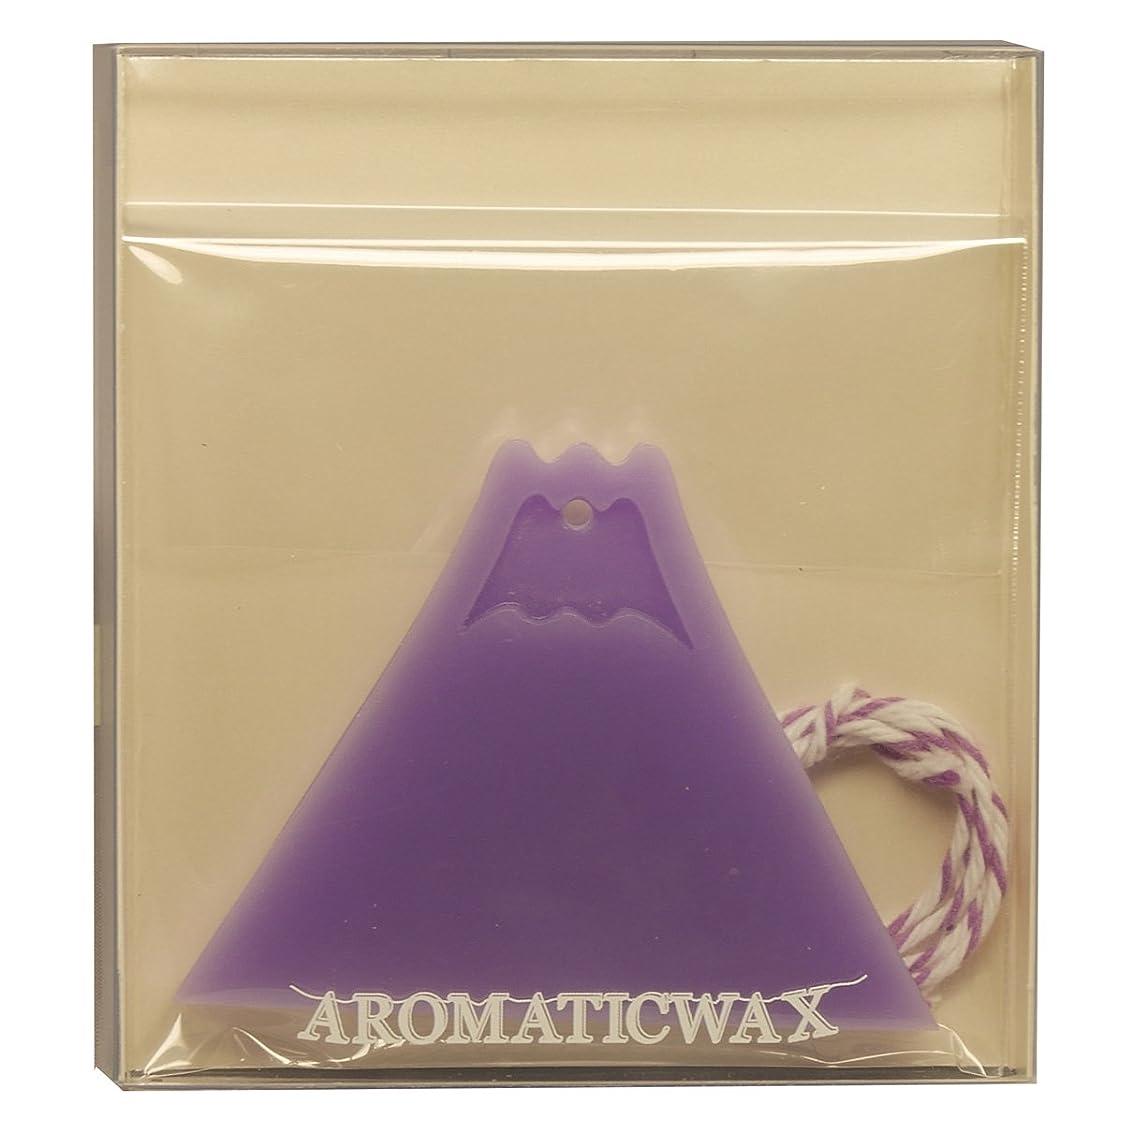 喜び悪性腫瘍予算GRASSE TOKYO AROMATICWAXチャーム「富士山」(PU) ラベンダー アロマティックワックス グラーストウキョウ